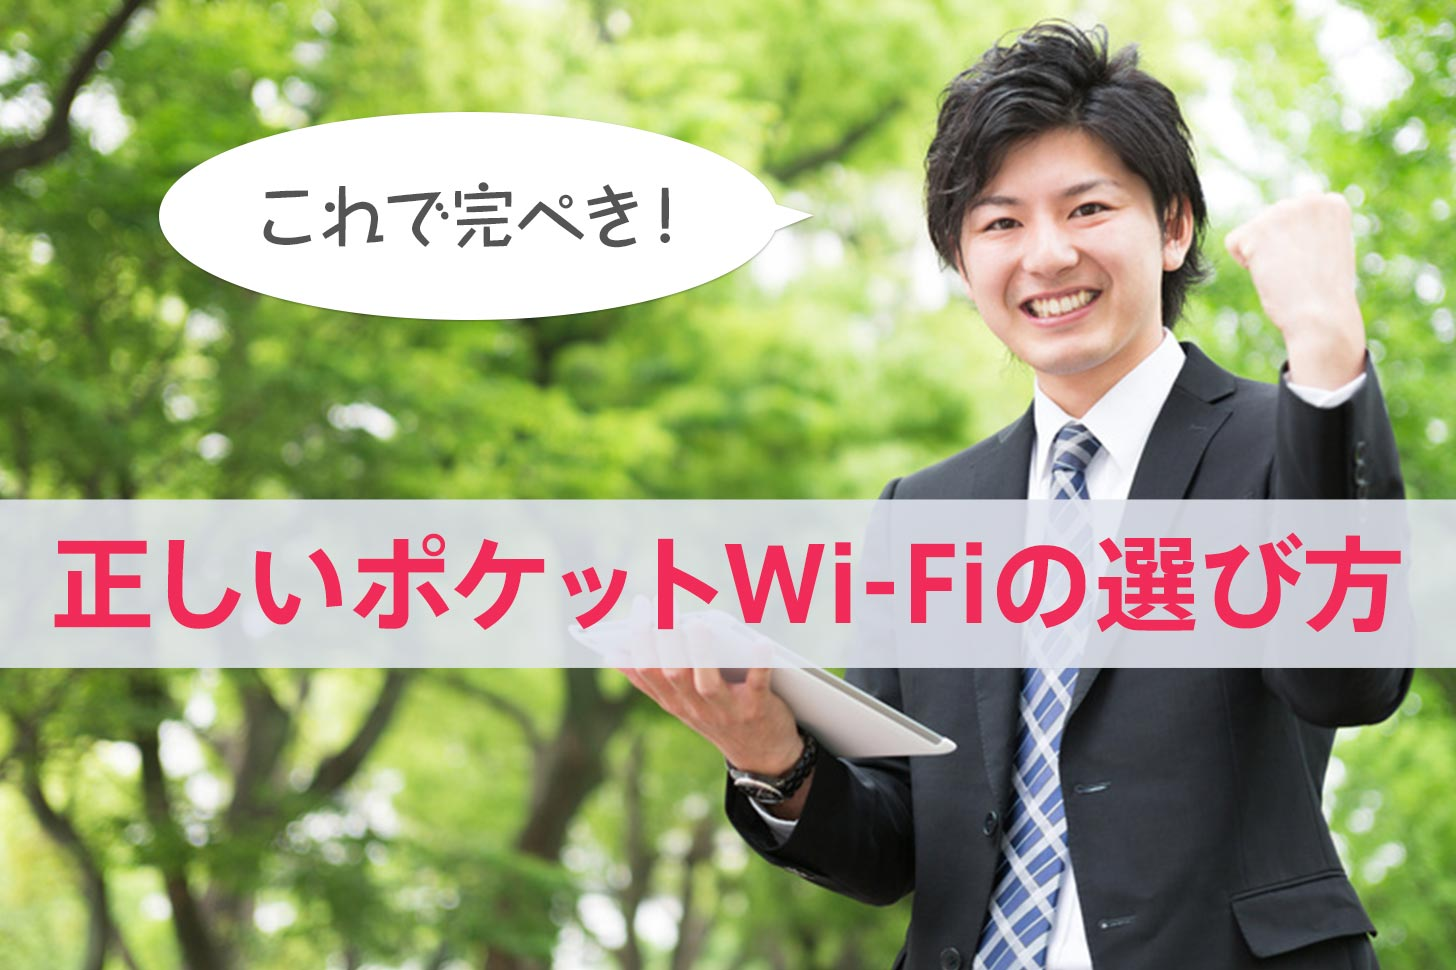 ポケットWi-Fiの正しい選び方